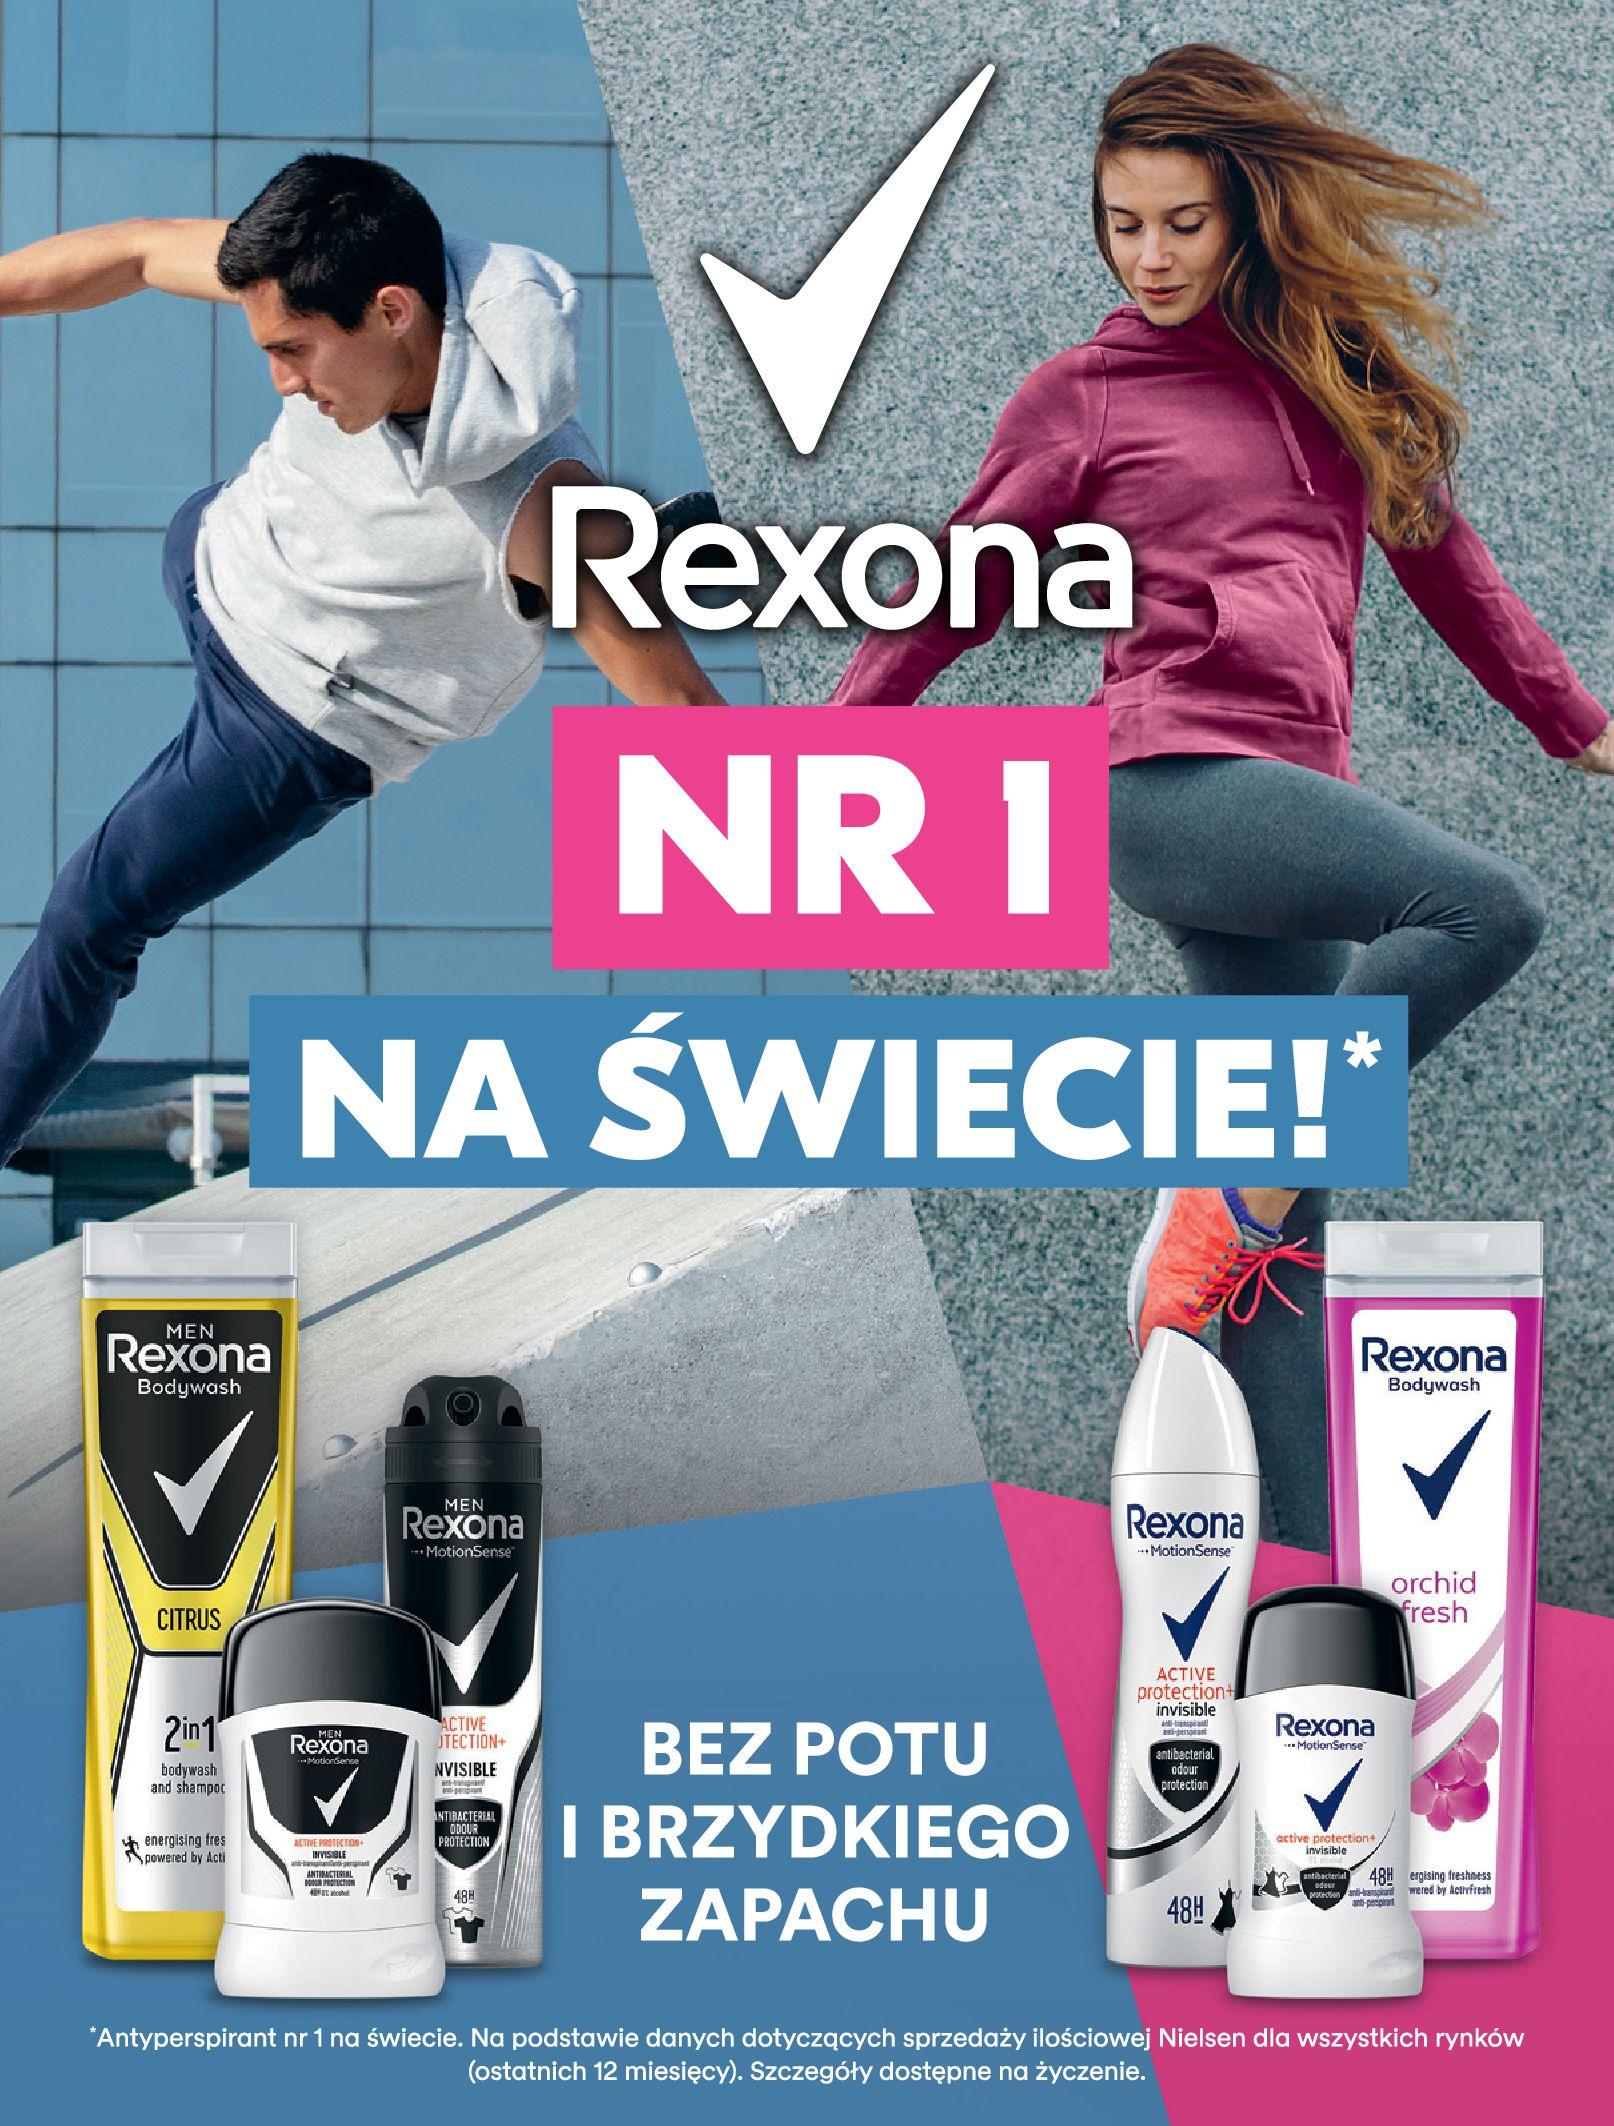 Gazetka hebe - Magazyn Hebe-30.06.2020-31.08.2020-page-39